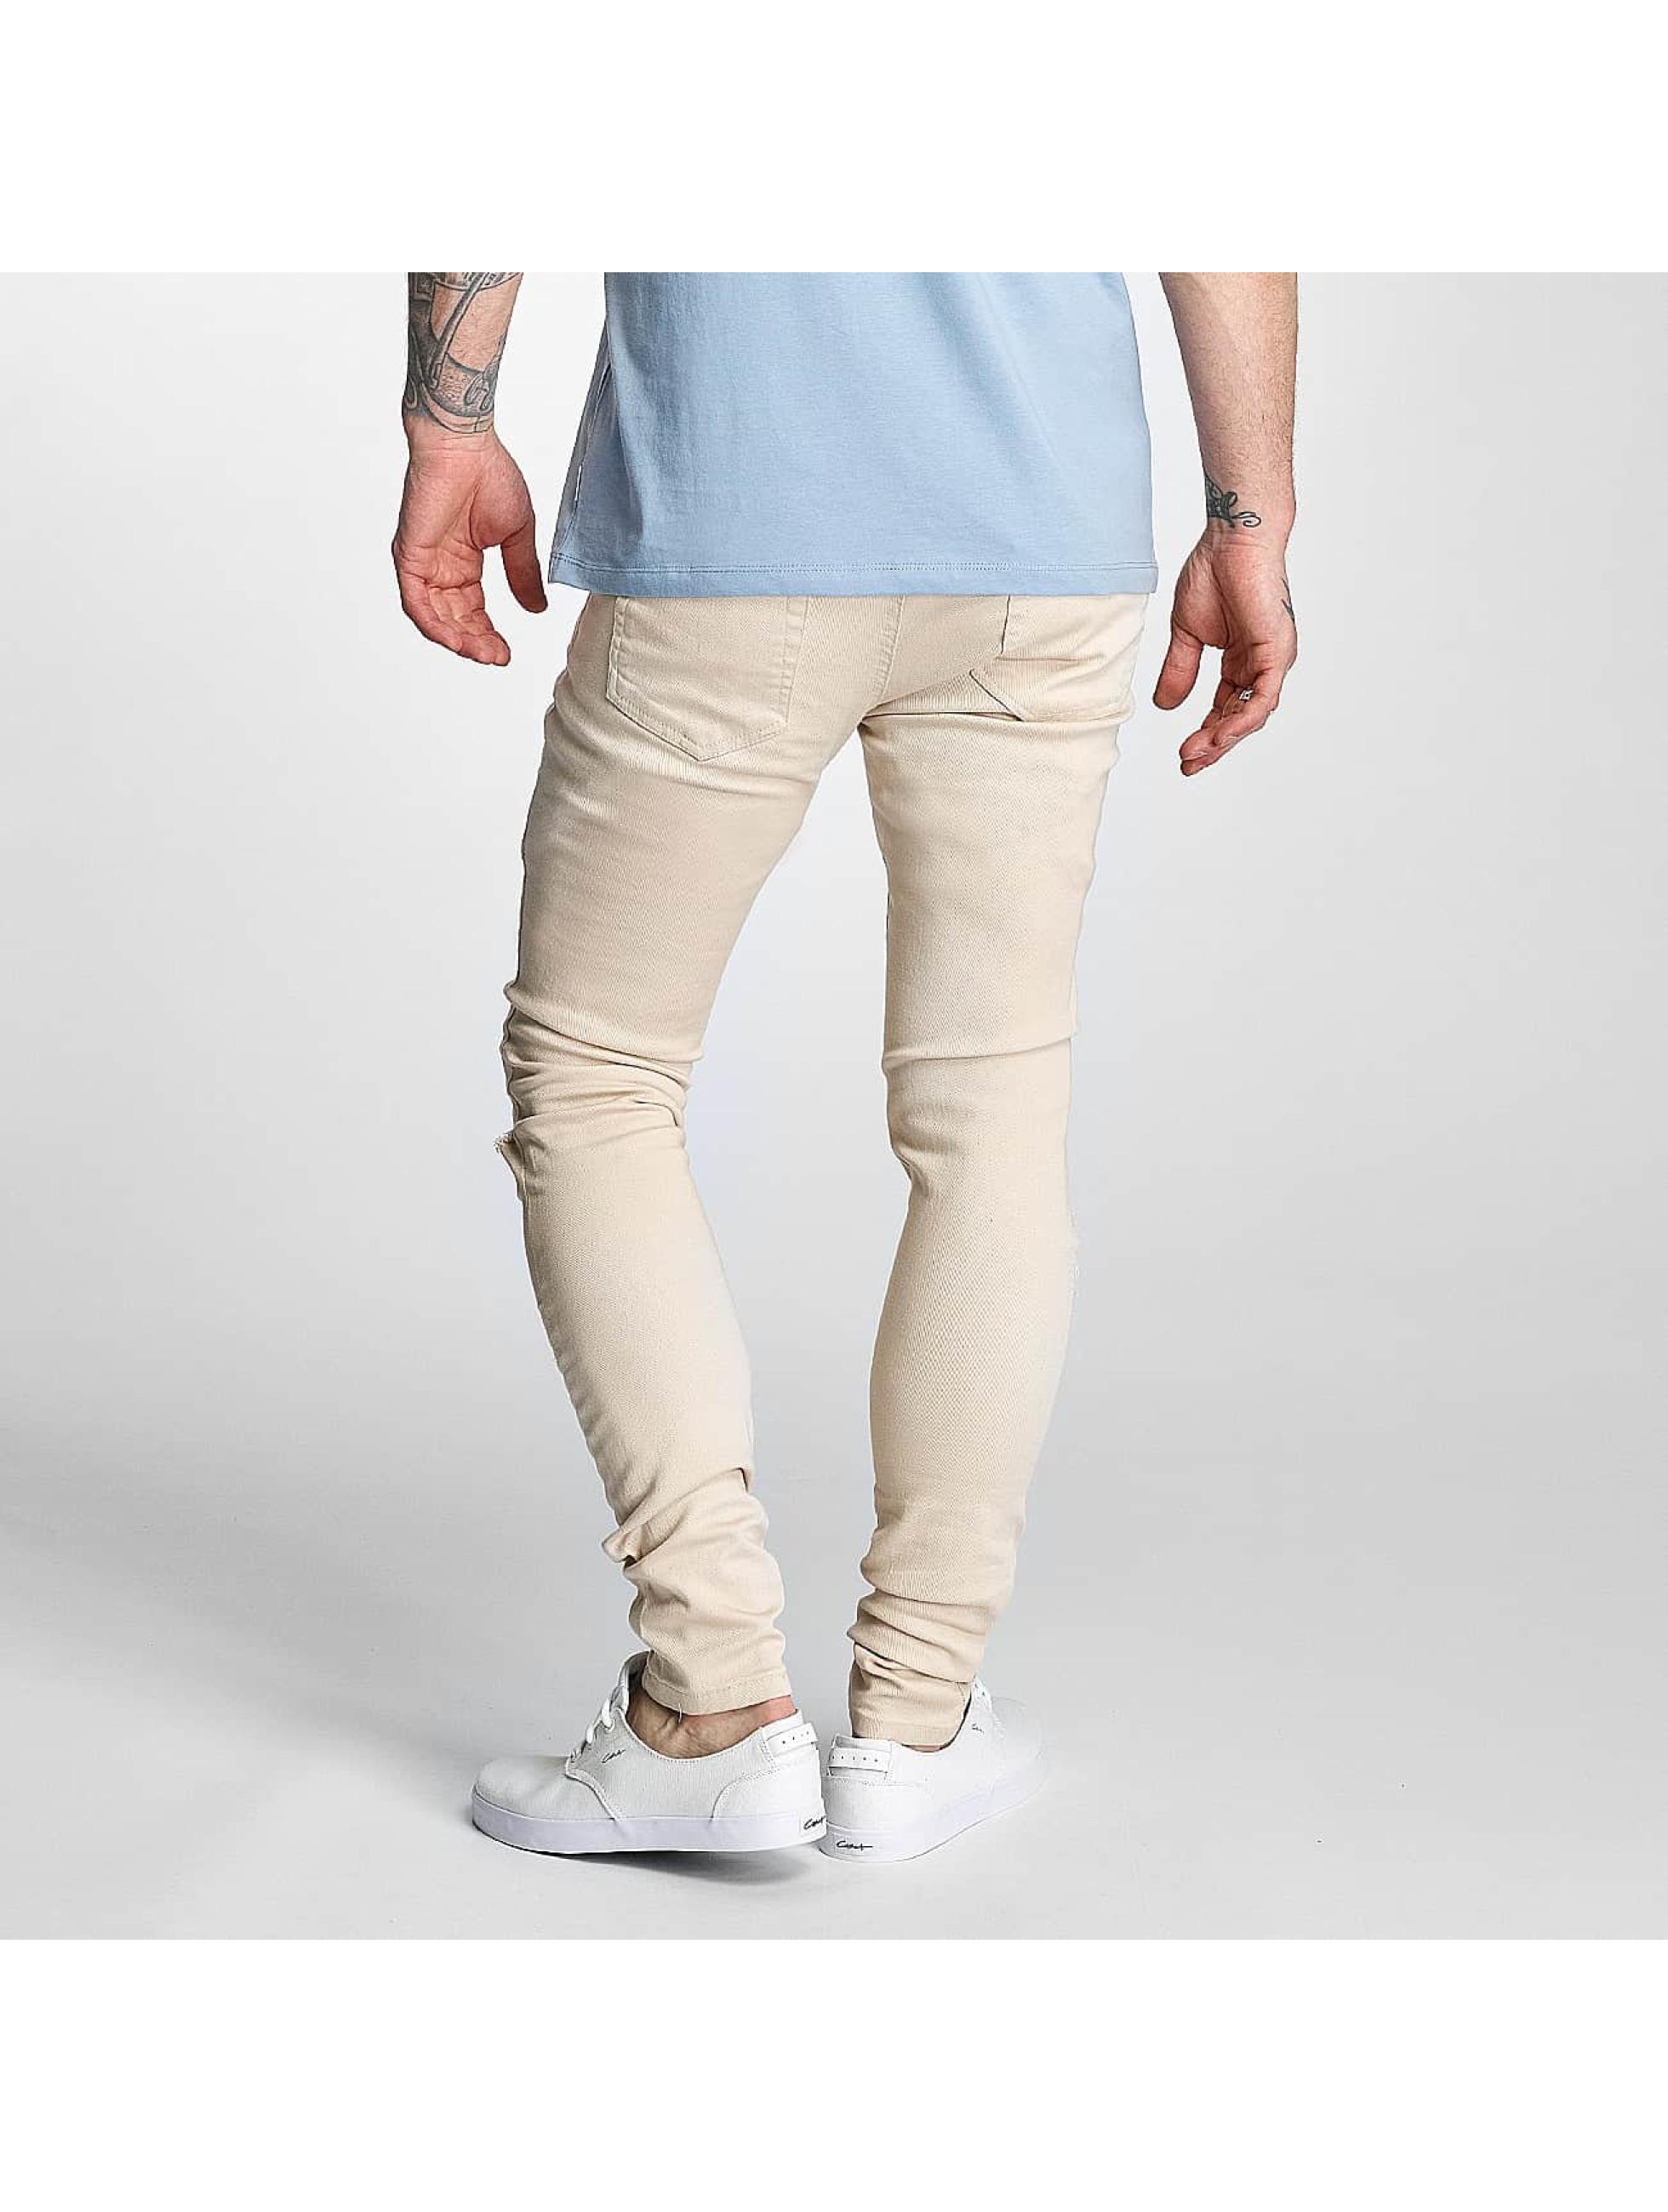 Criminal Damage Skinny Jeans Ripper beige